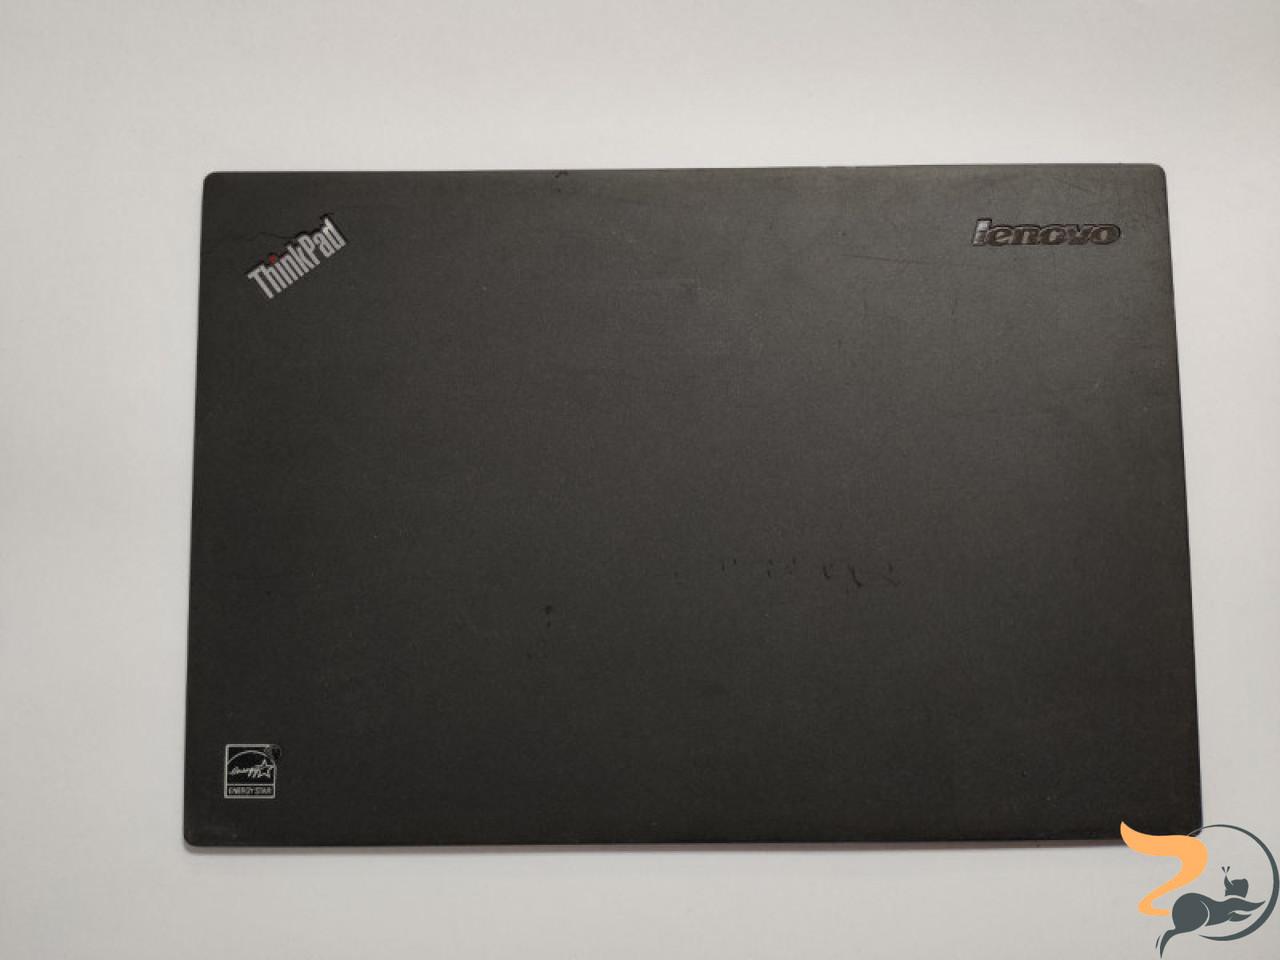 """Кришка матриці для ноутбука Lenovo Thinkpad X240, 250, 12.5"""", AP0SX000400, 04X5359, б/в. Кріплення цілі, є тріщина (фото)"""